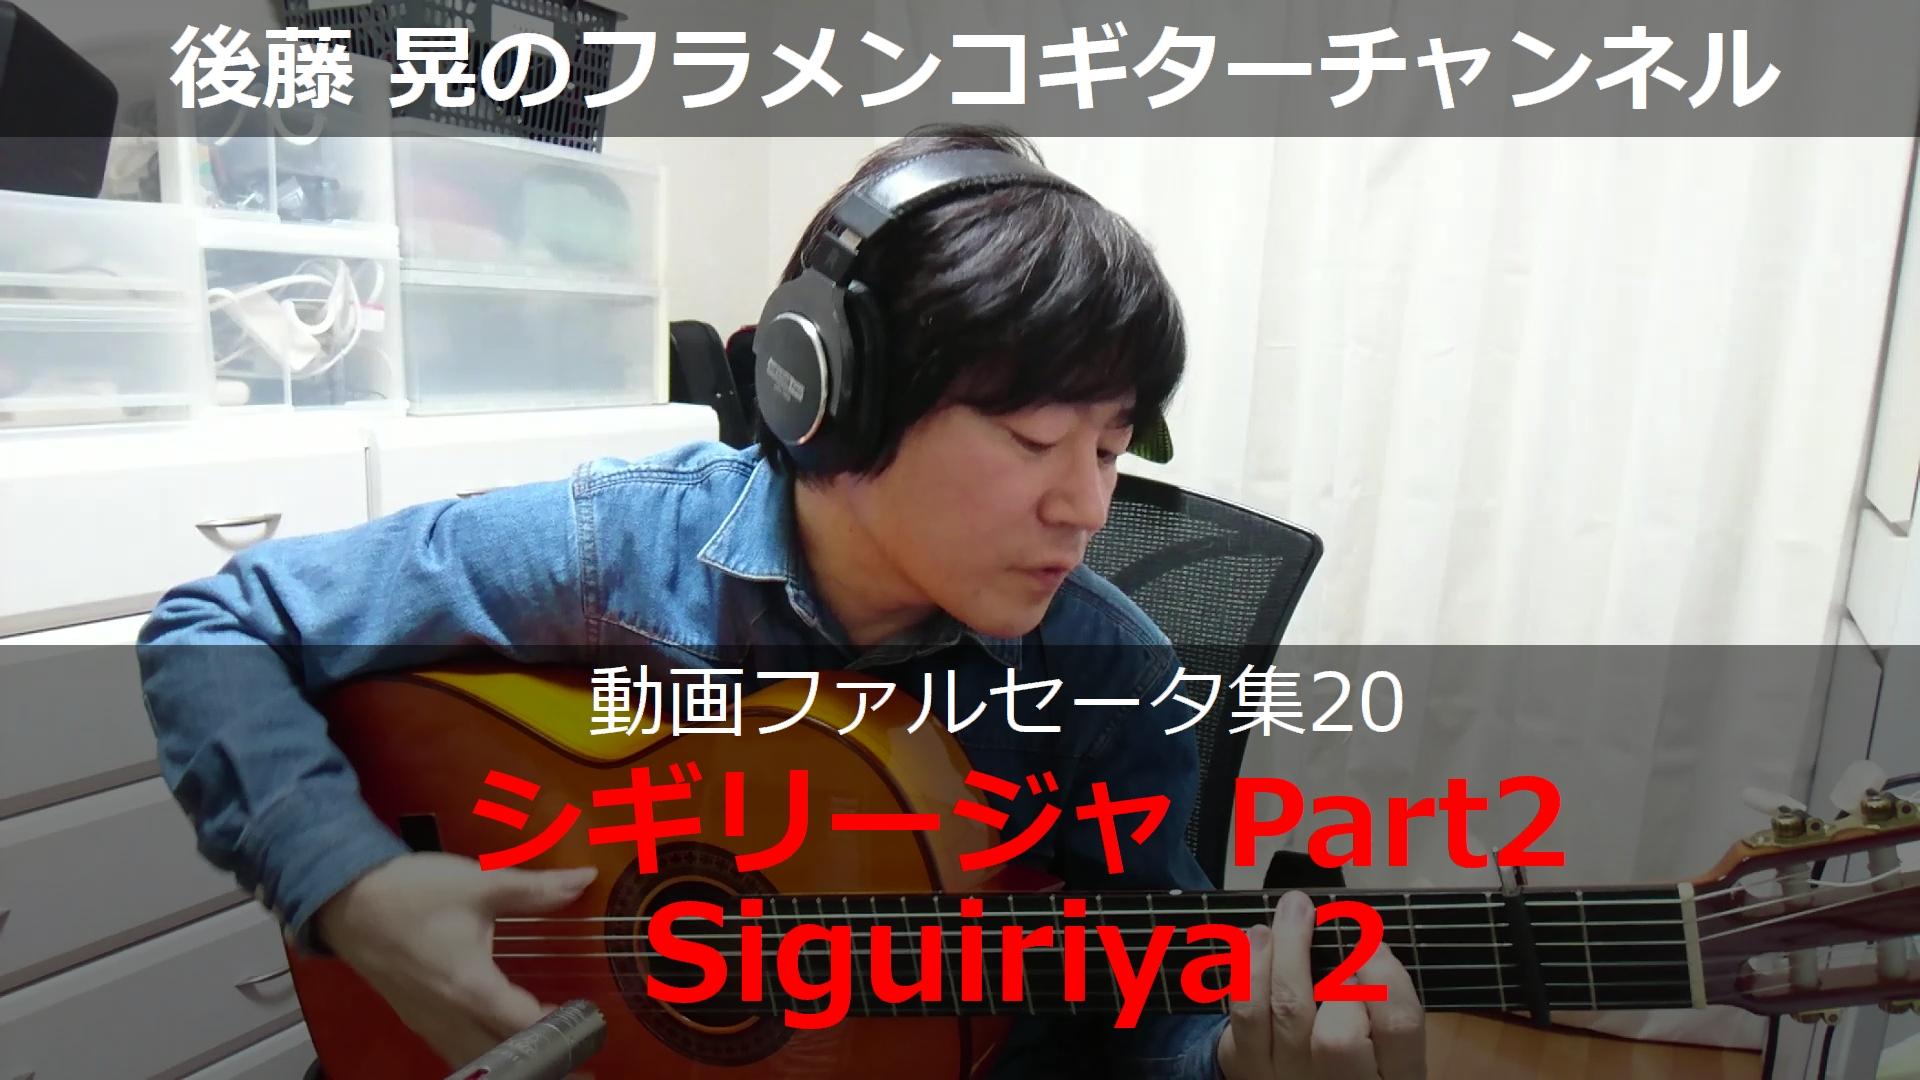 シギリージャ Part2